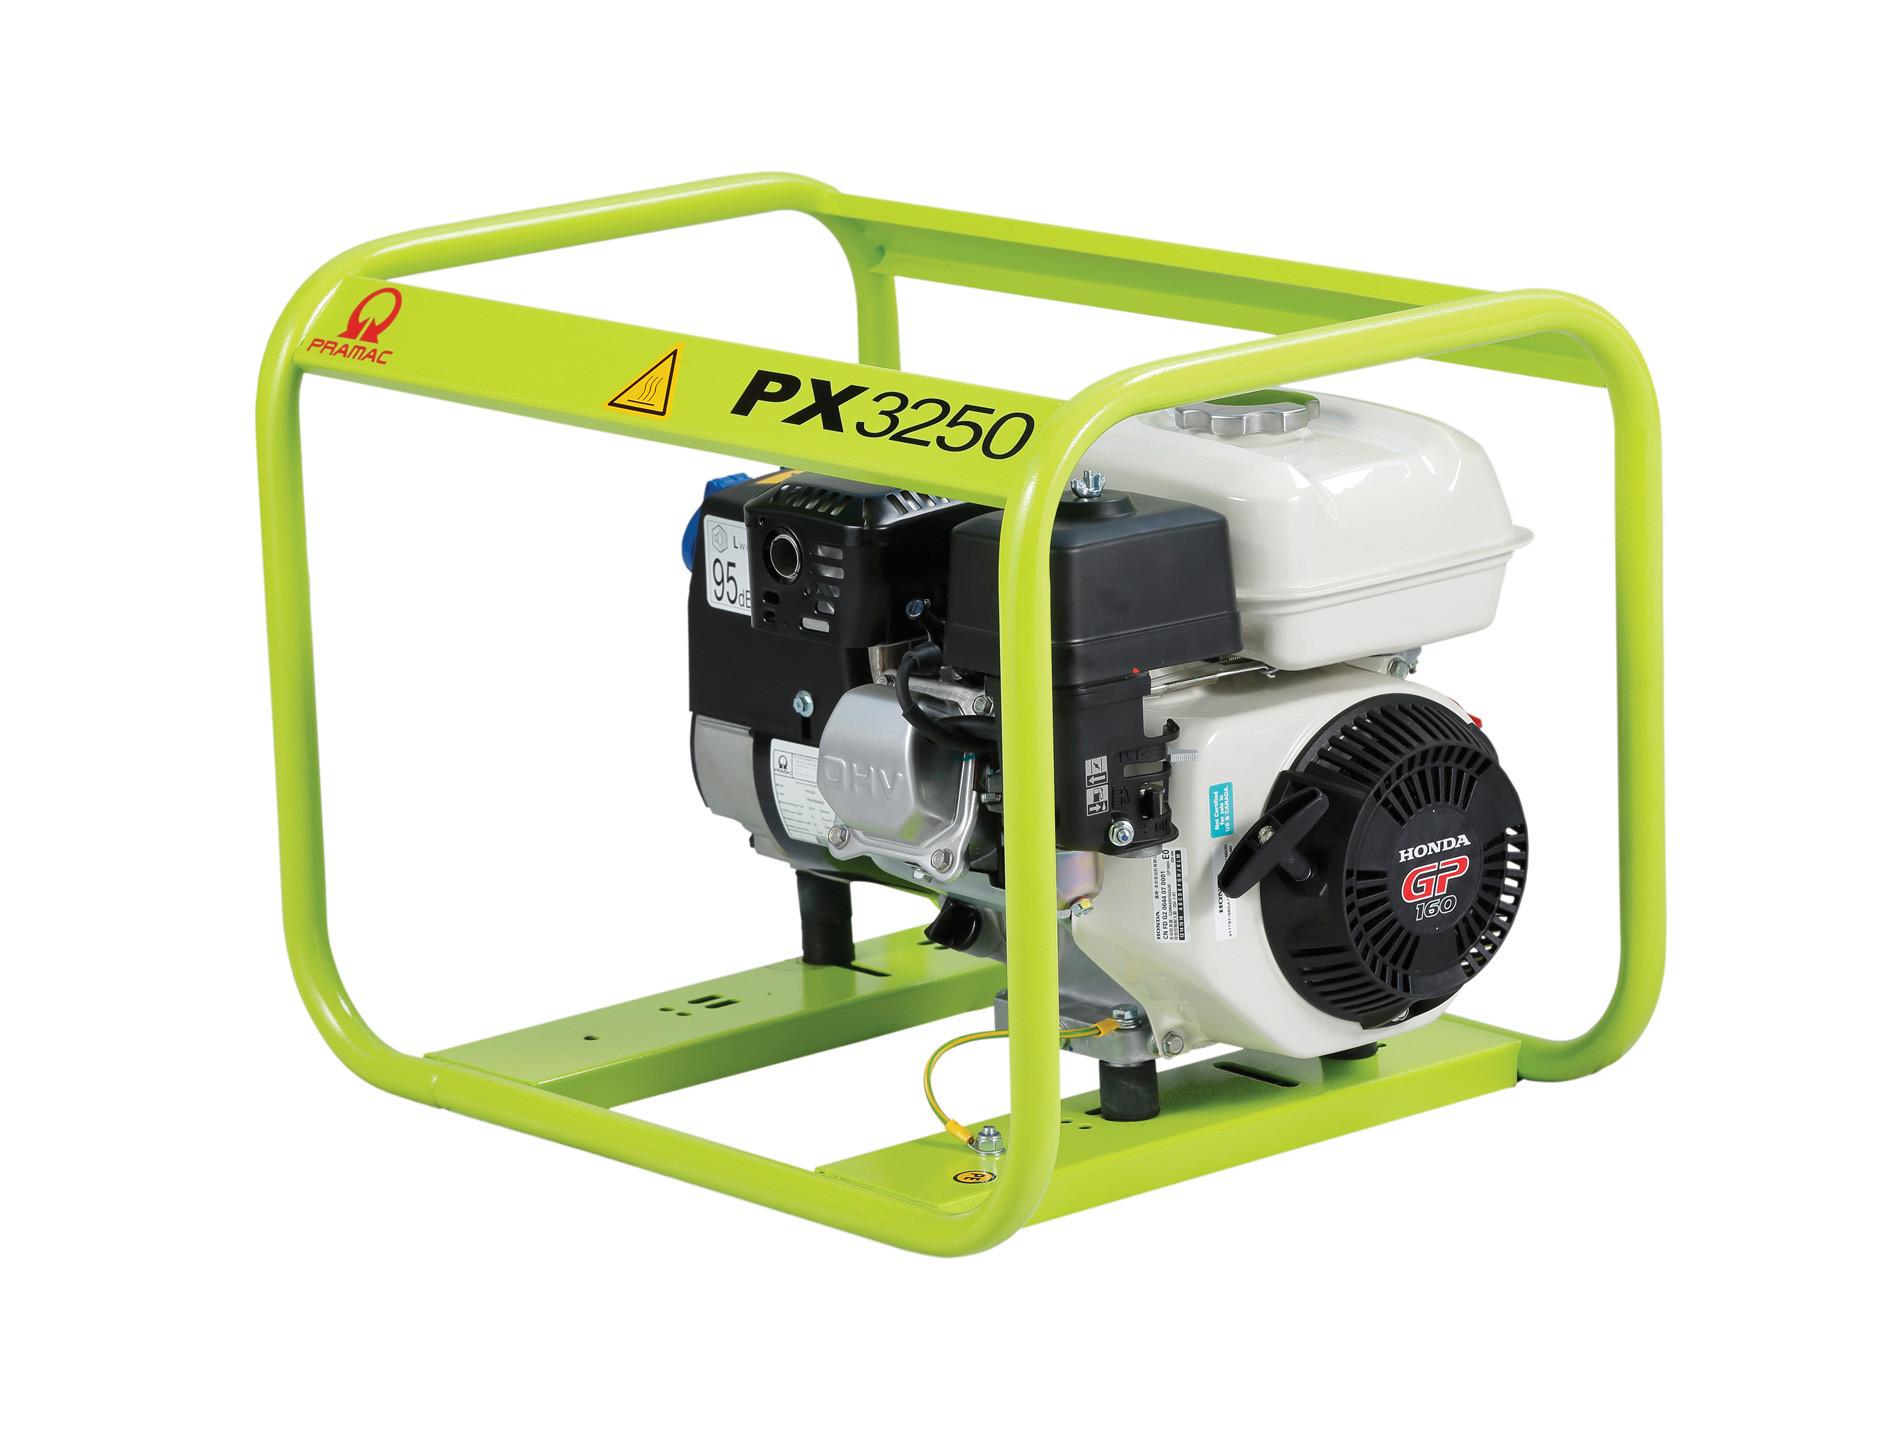 Groupe électrogène PX3250 PRAMAC 2590W